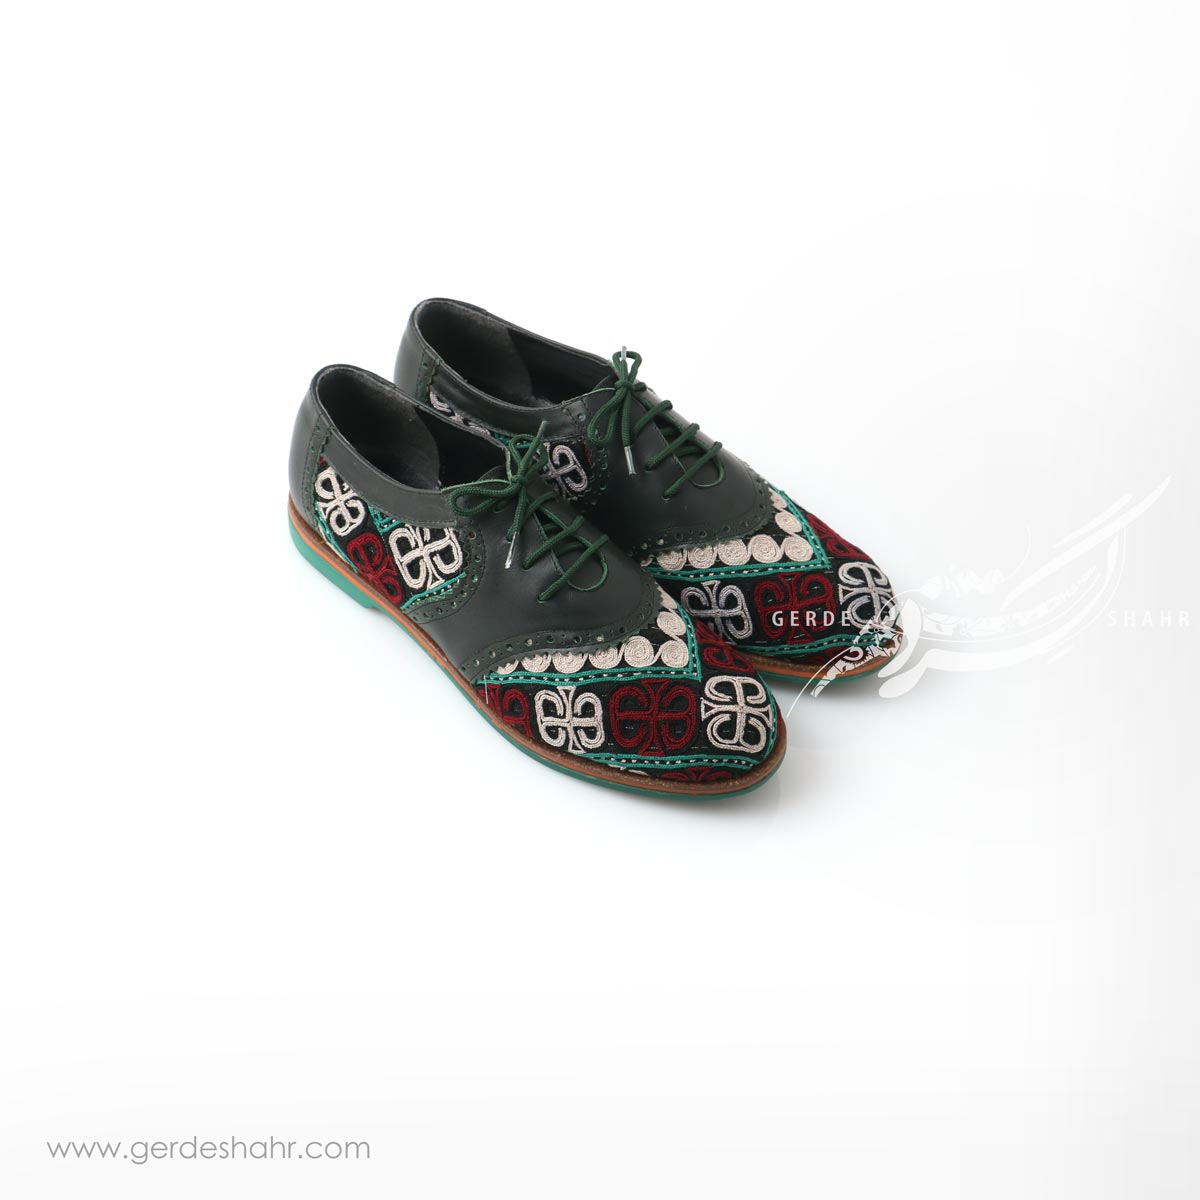 کفش دست دوز سبز یشمی تیره سوزندوزی ترکمن سایز 40 چاوان گنجه رخت